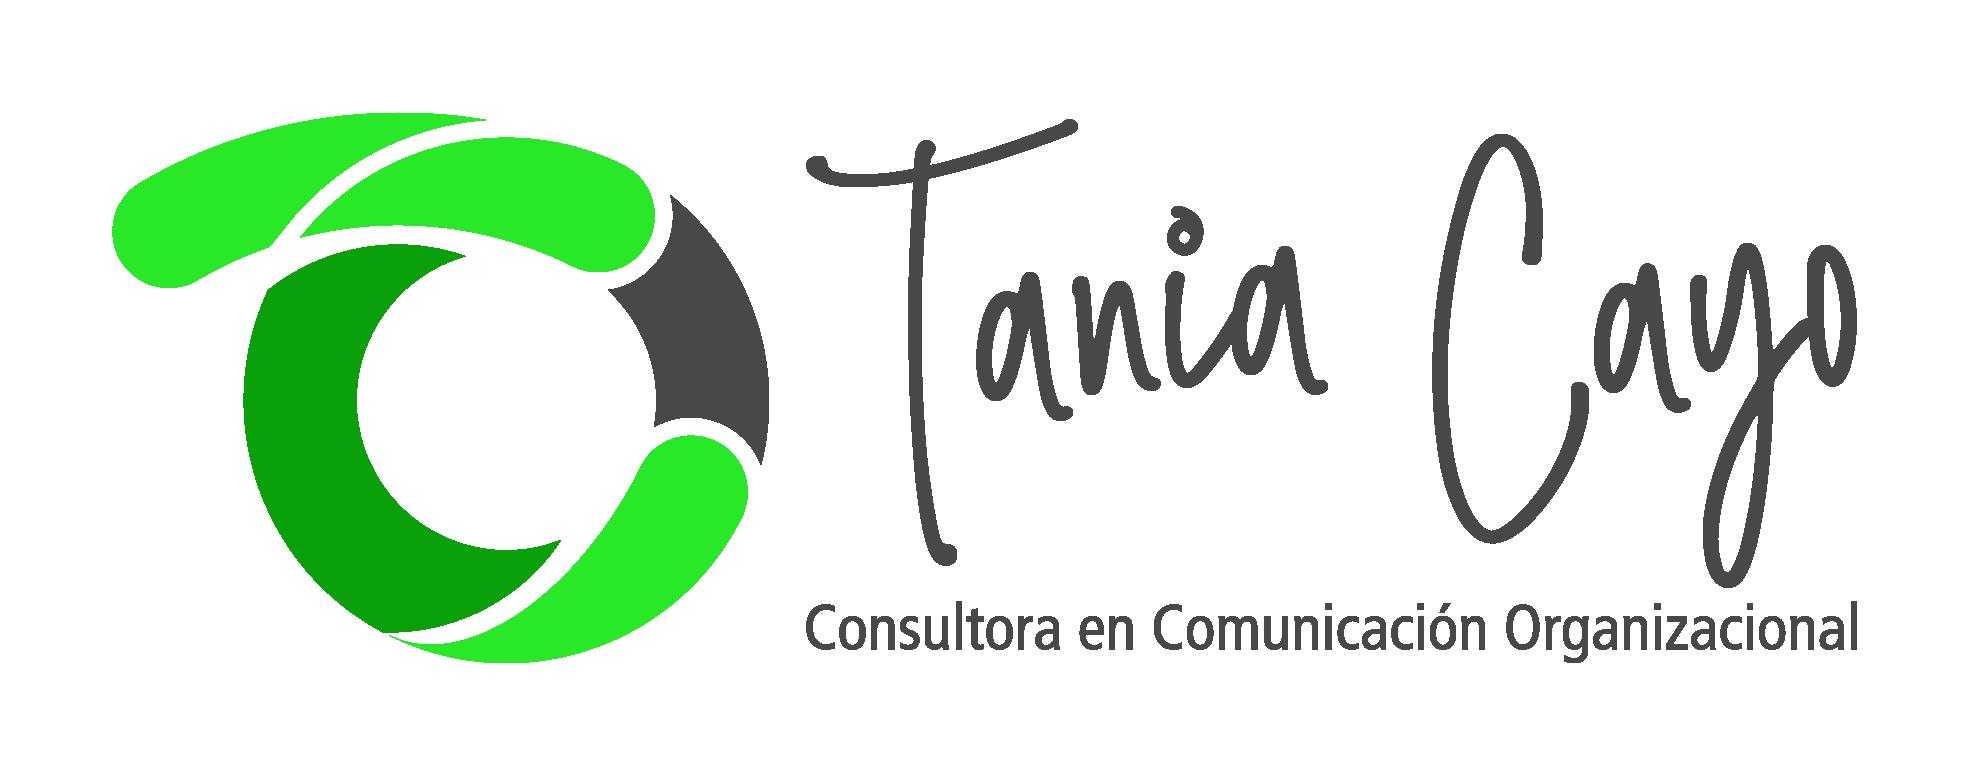 Tania Cayo